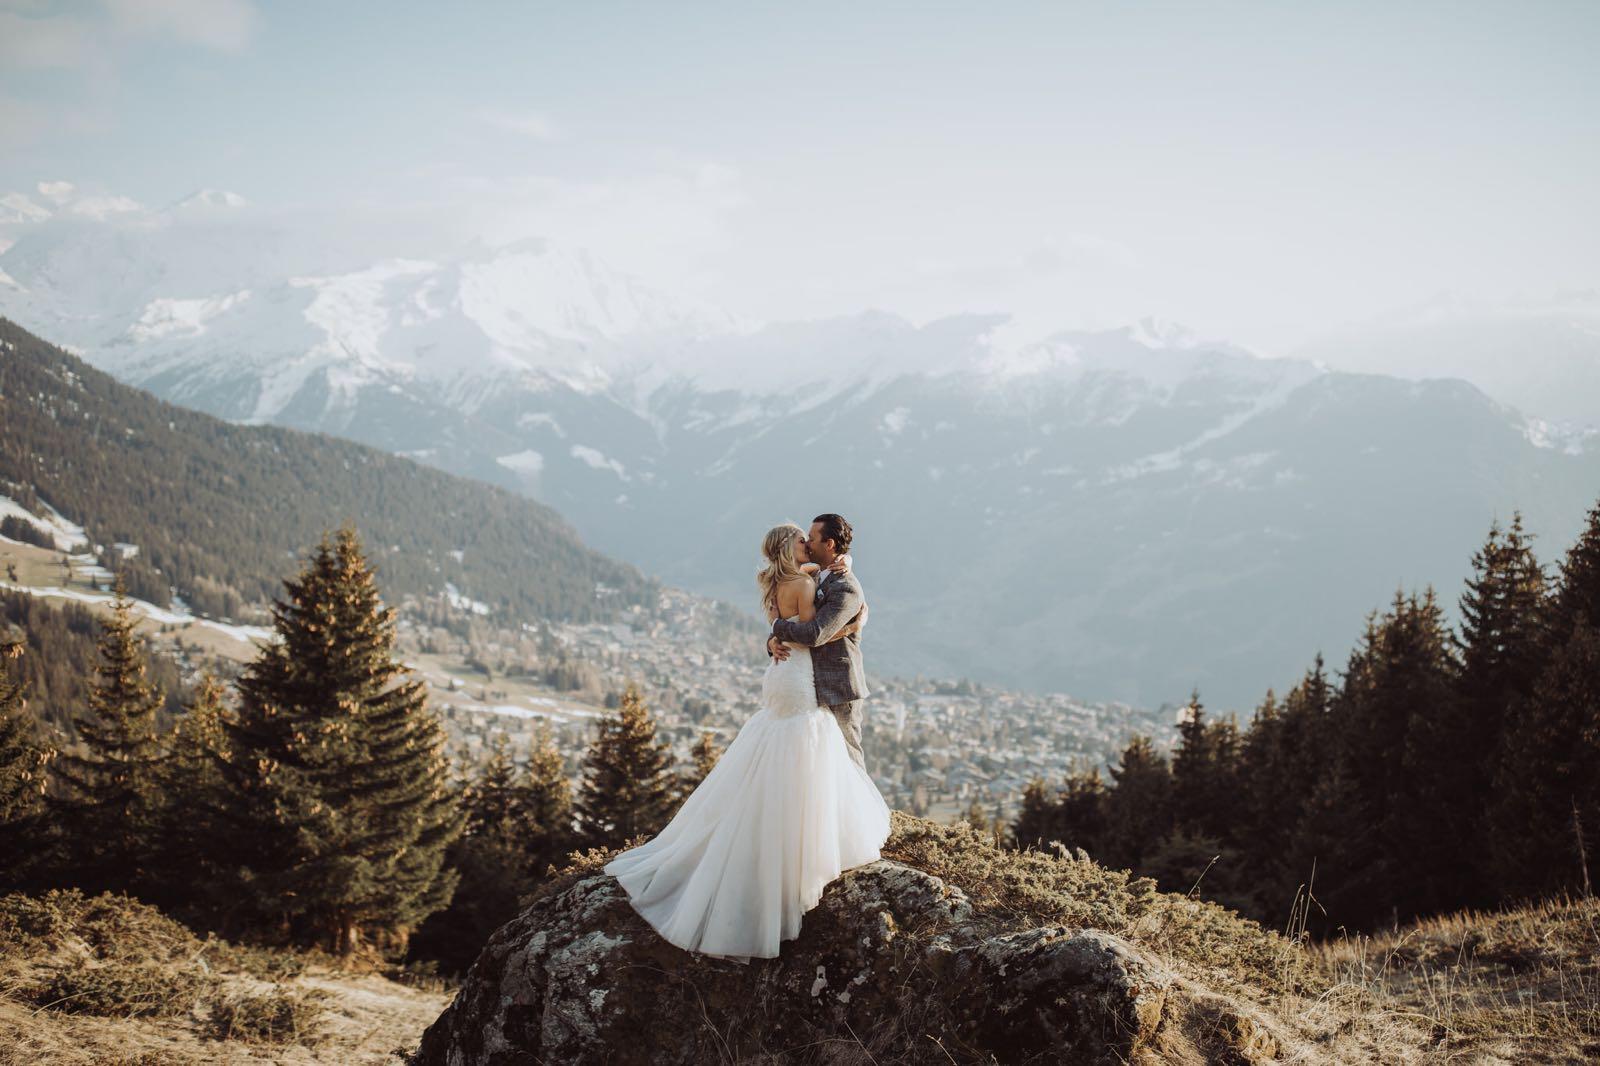 mariage suisse, alpes, verbier, mariage hiver, montagne, mariés, cérémonie laïque